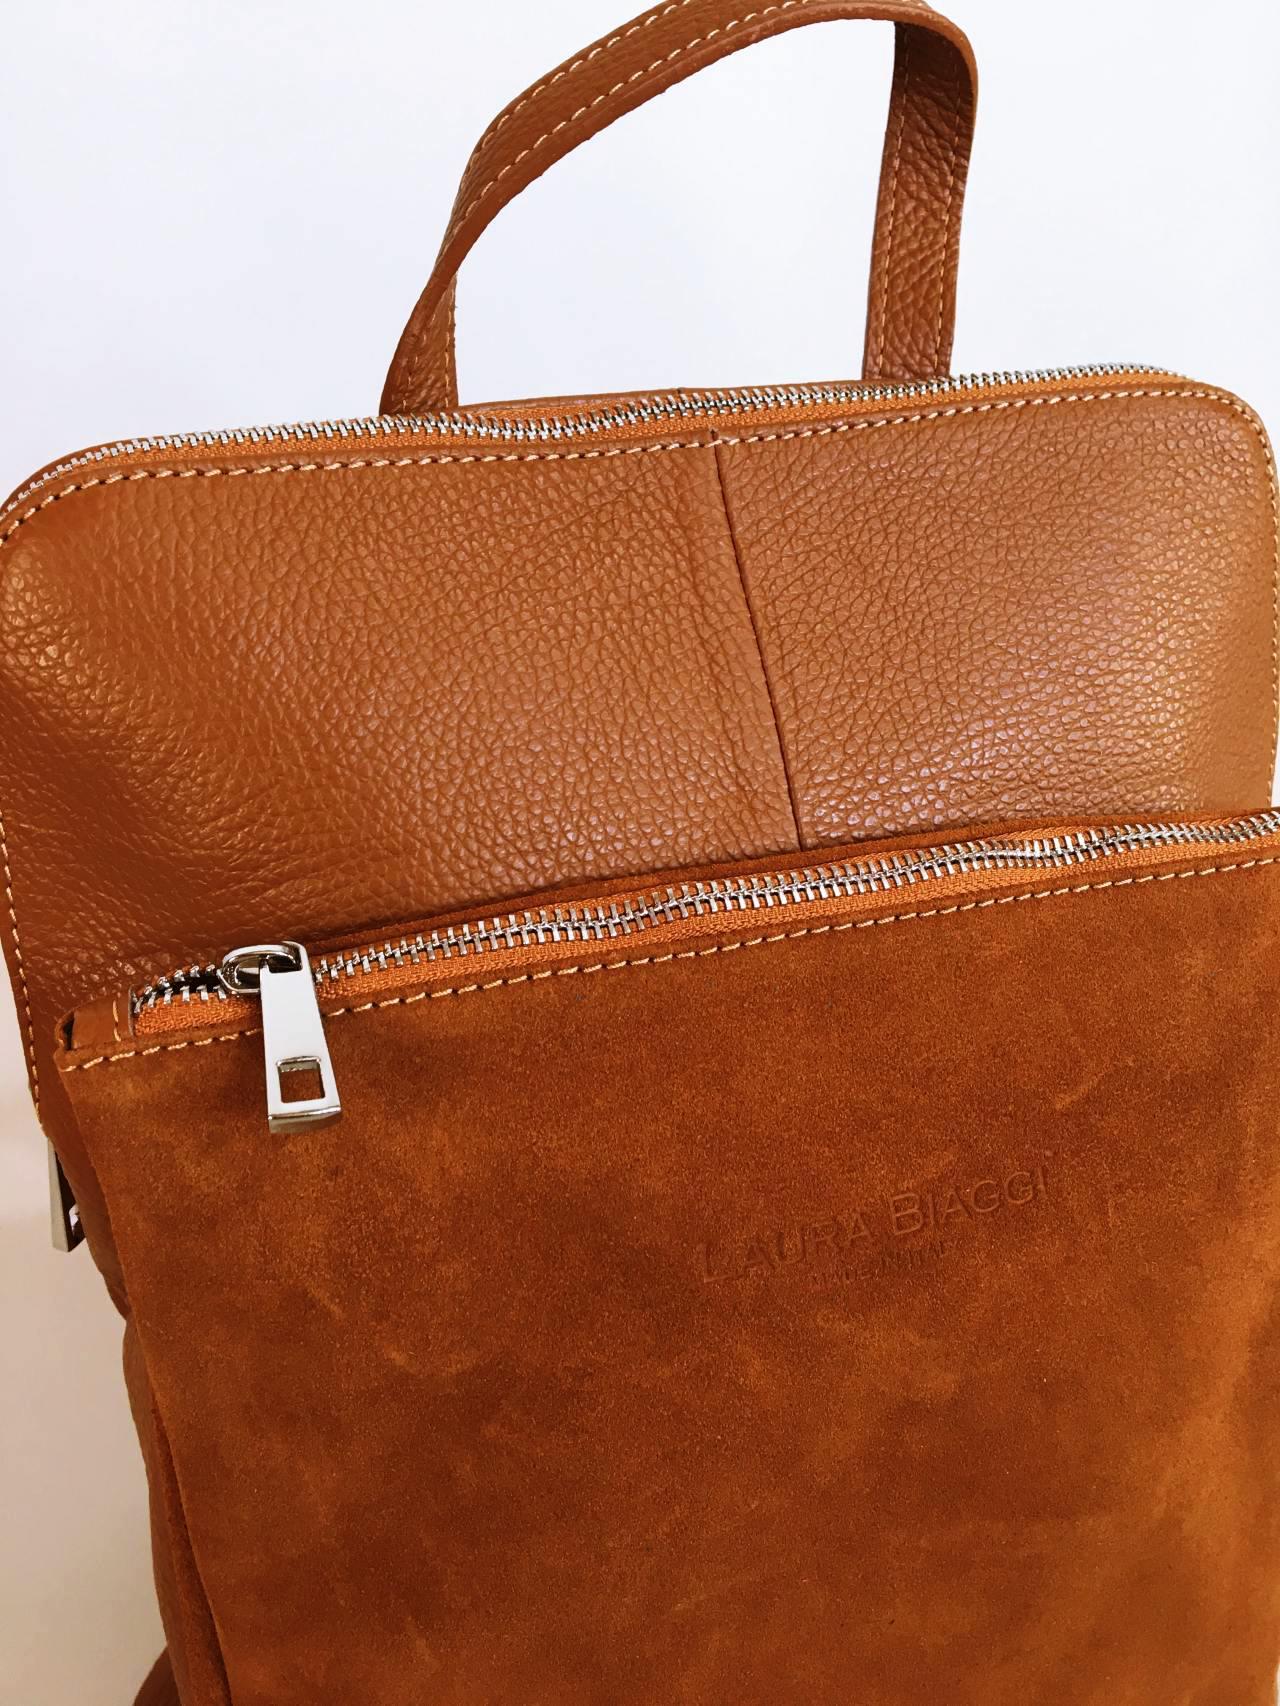 Kožený batoh Corry hnědý 03